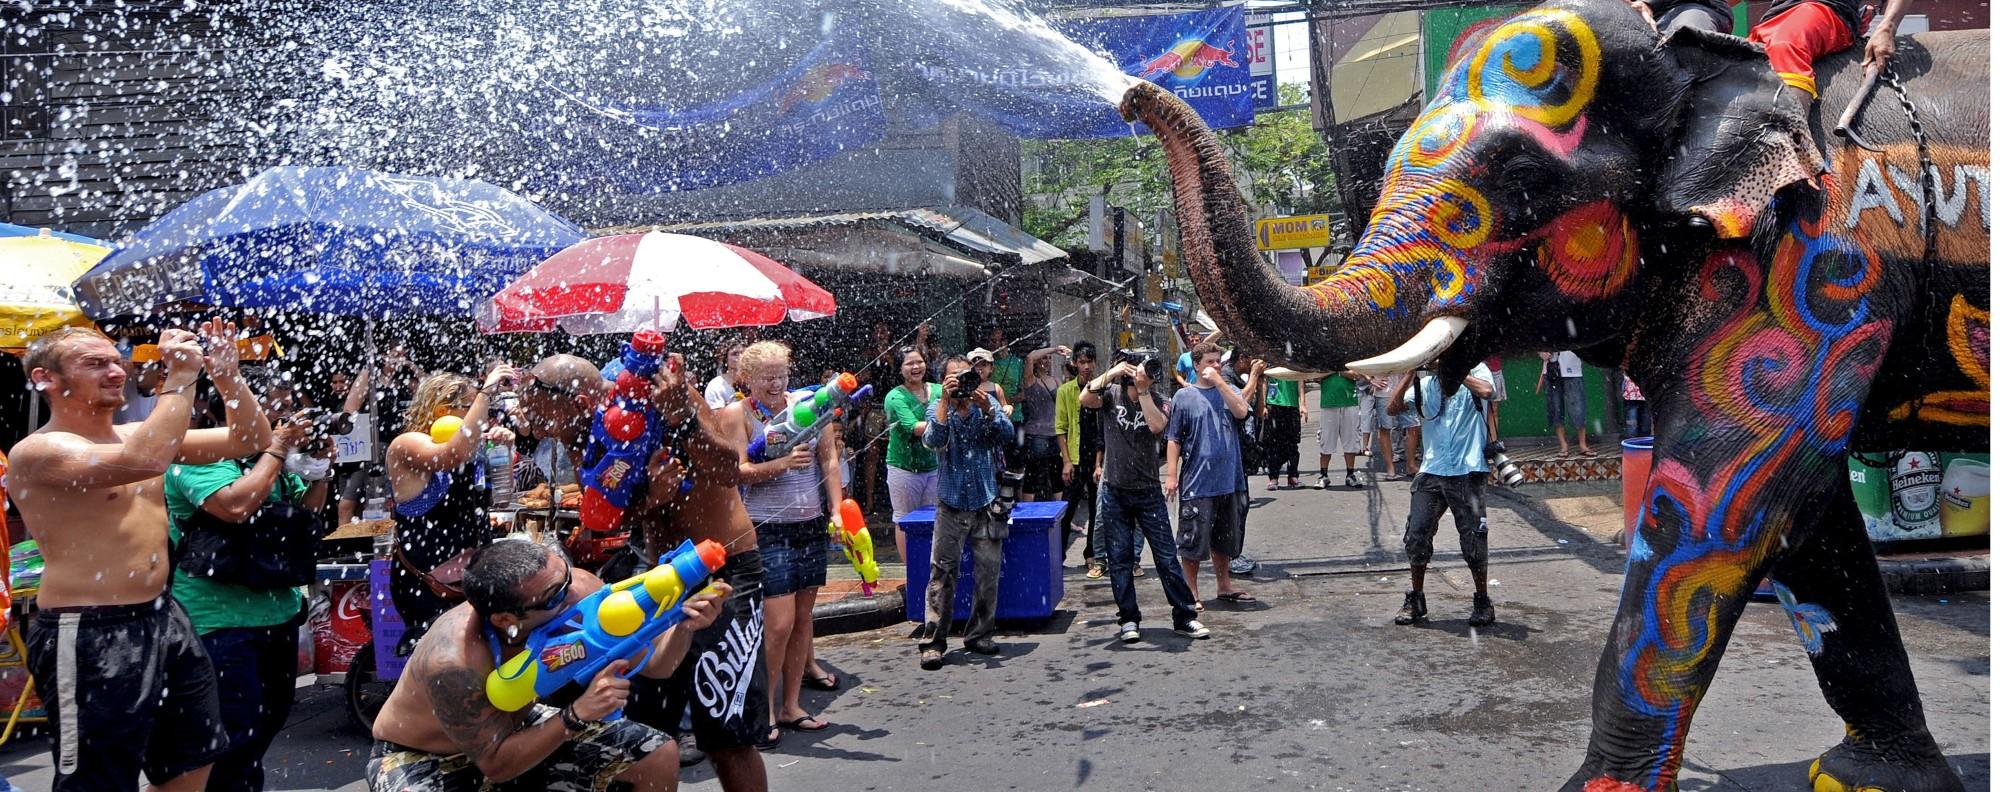 The Songkran festival in Bangkok. Photo: AFP